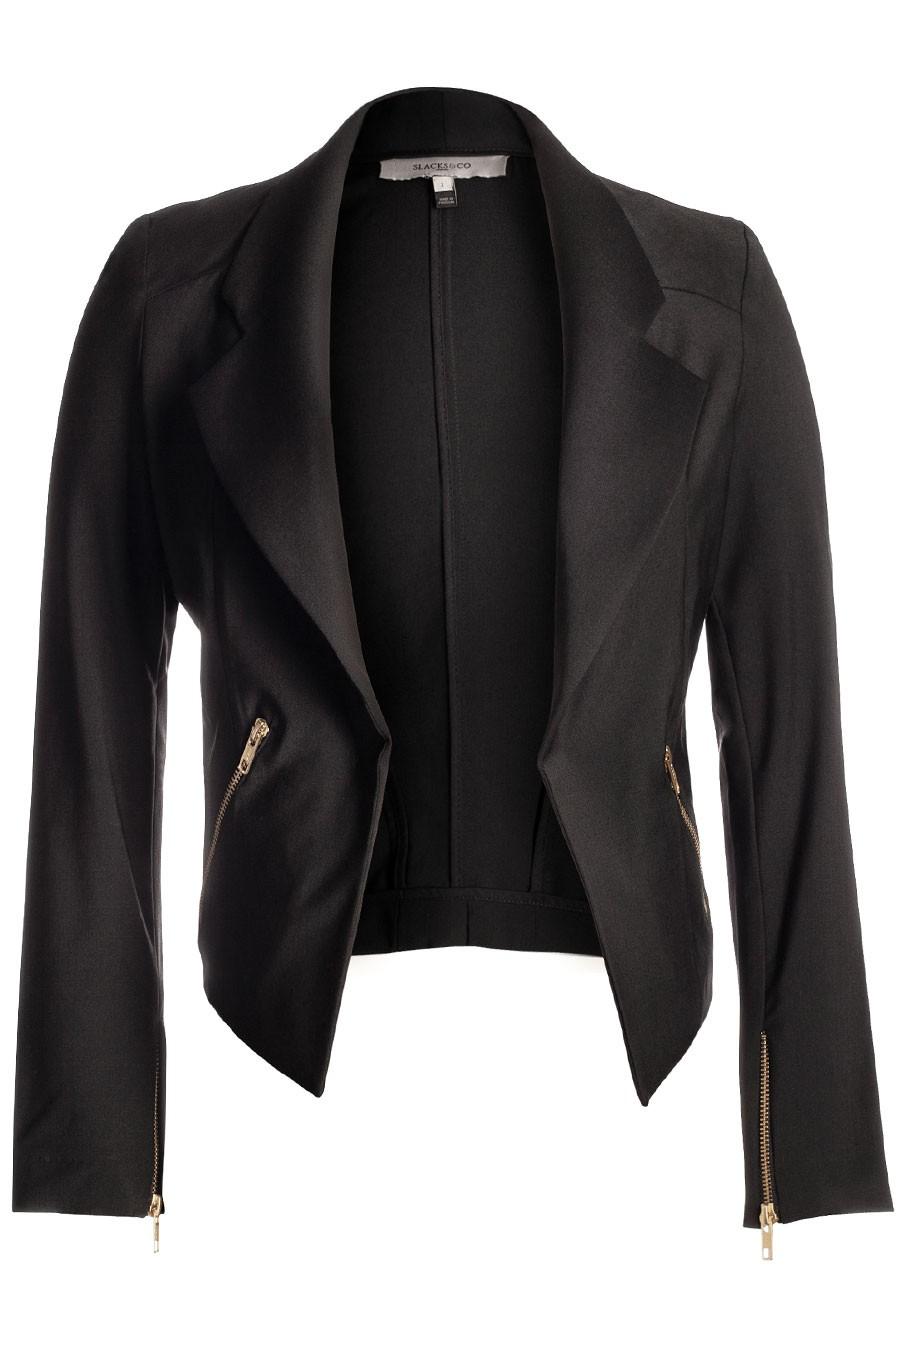 BARCELONA Cropped Formal Jacket